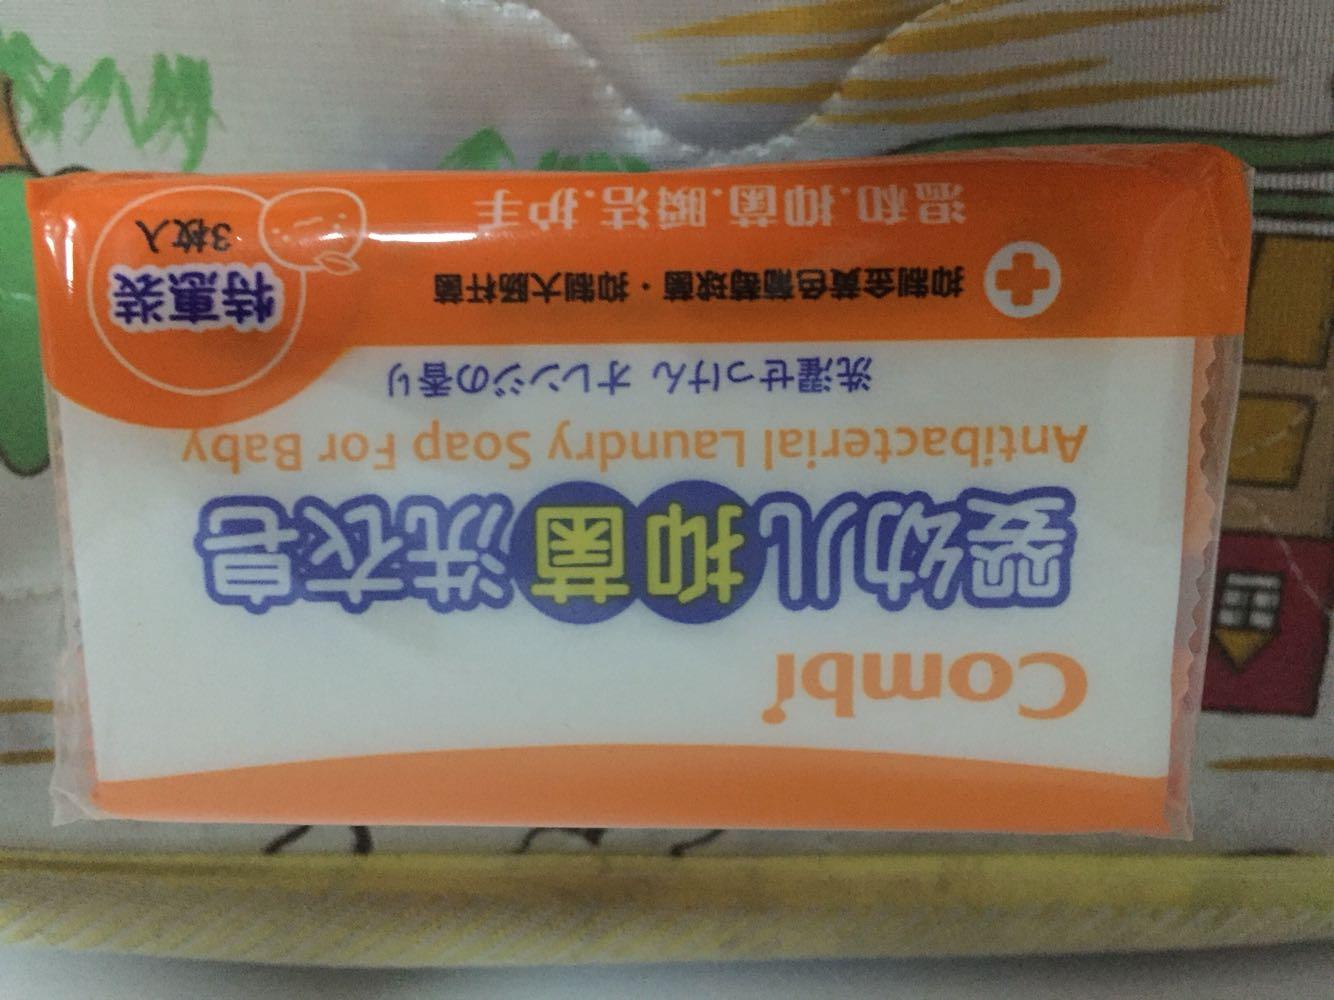 onitsuka tiger yellow kill bill 00927580 cheap